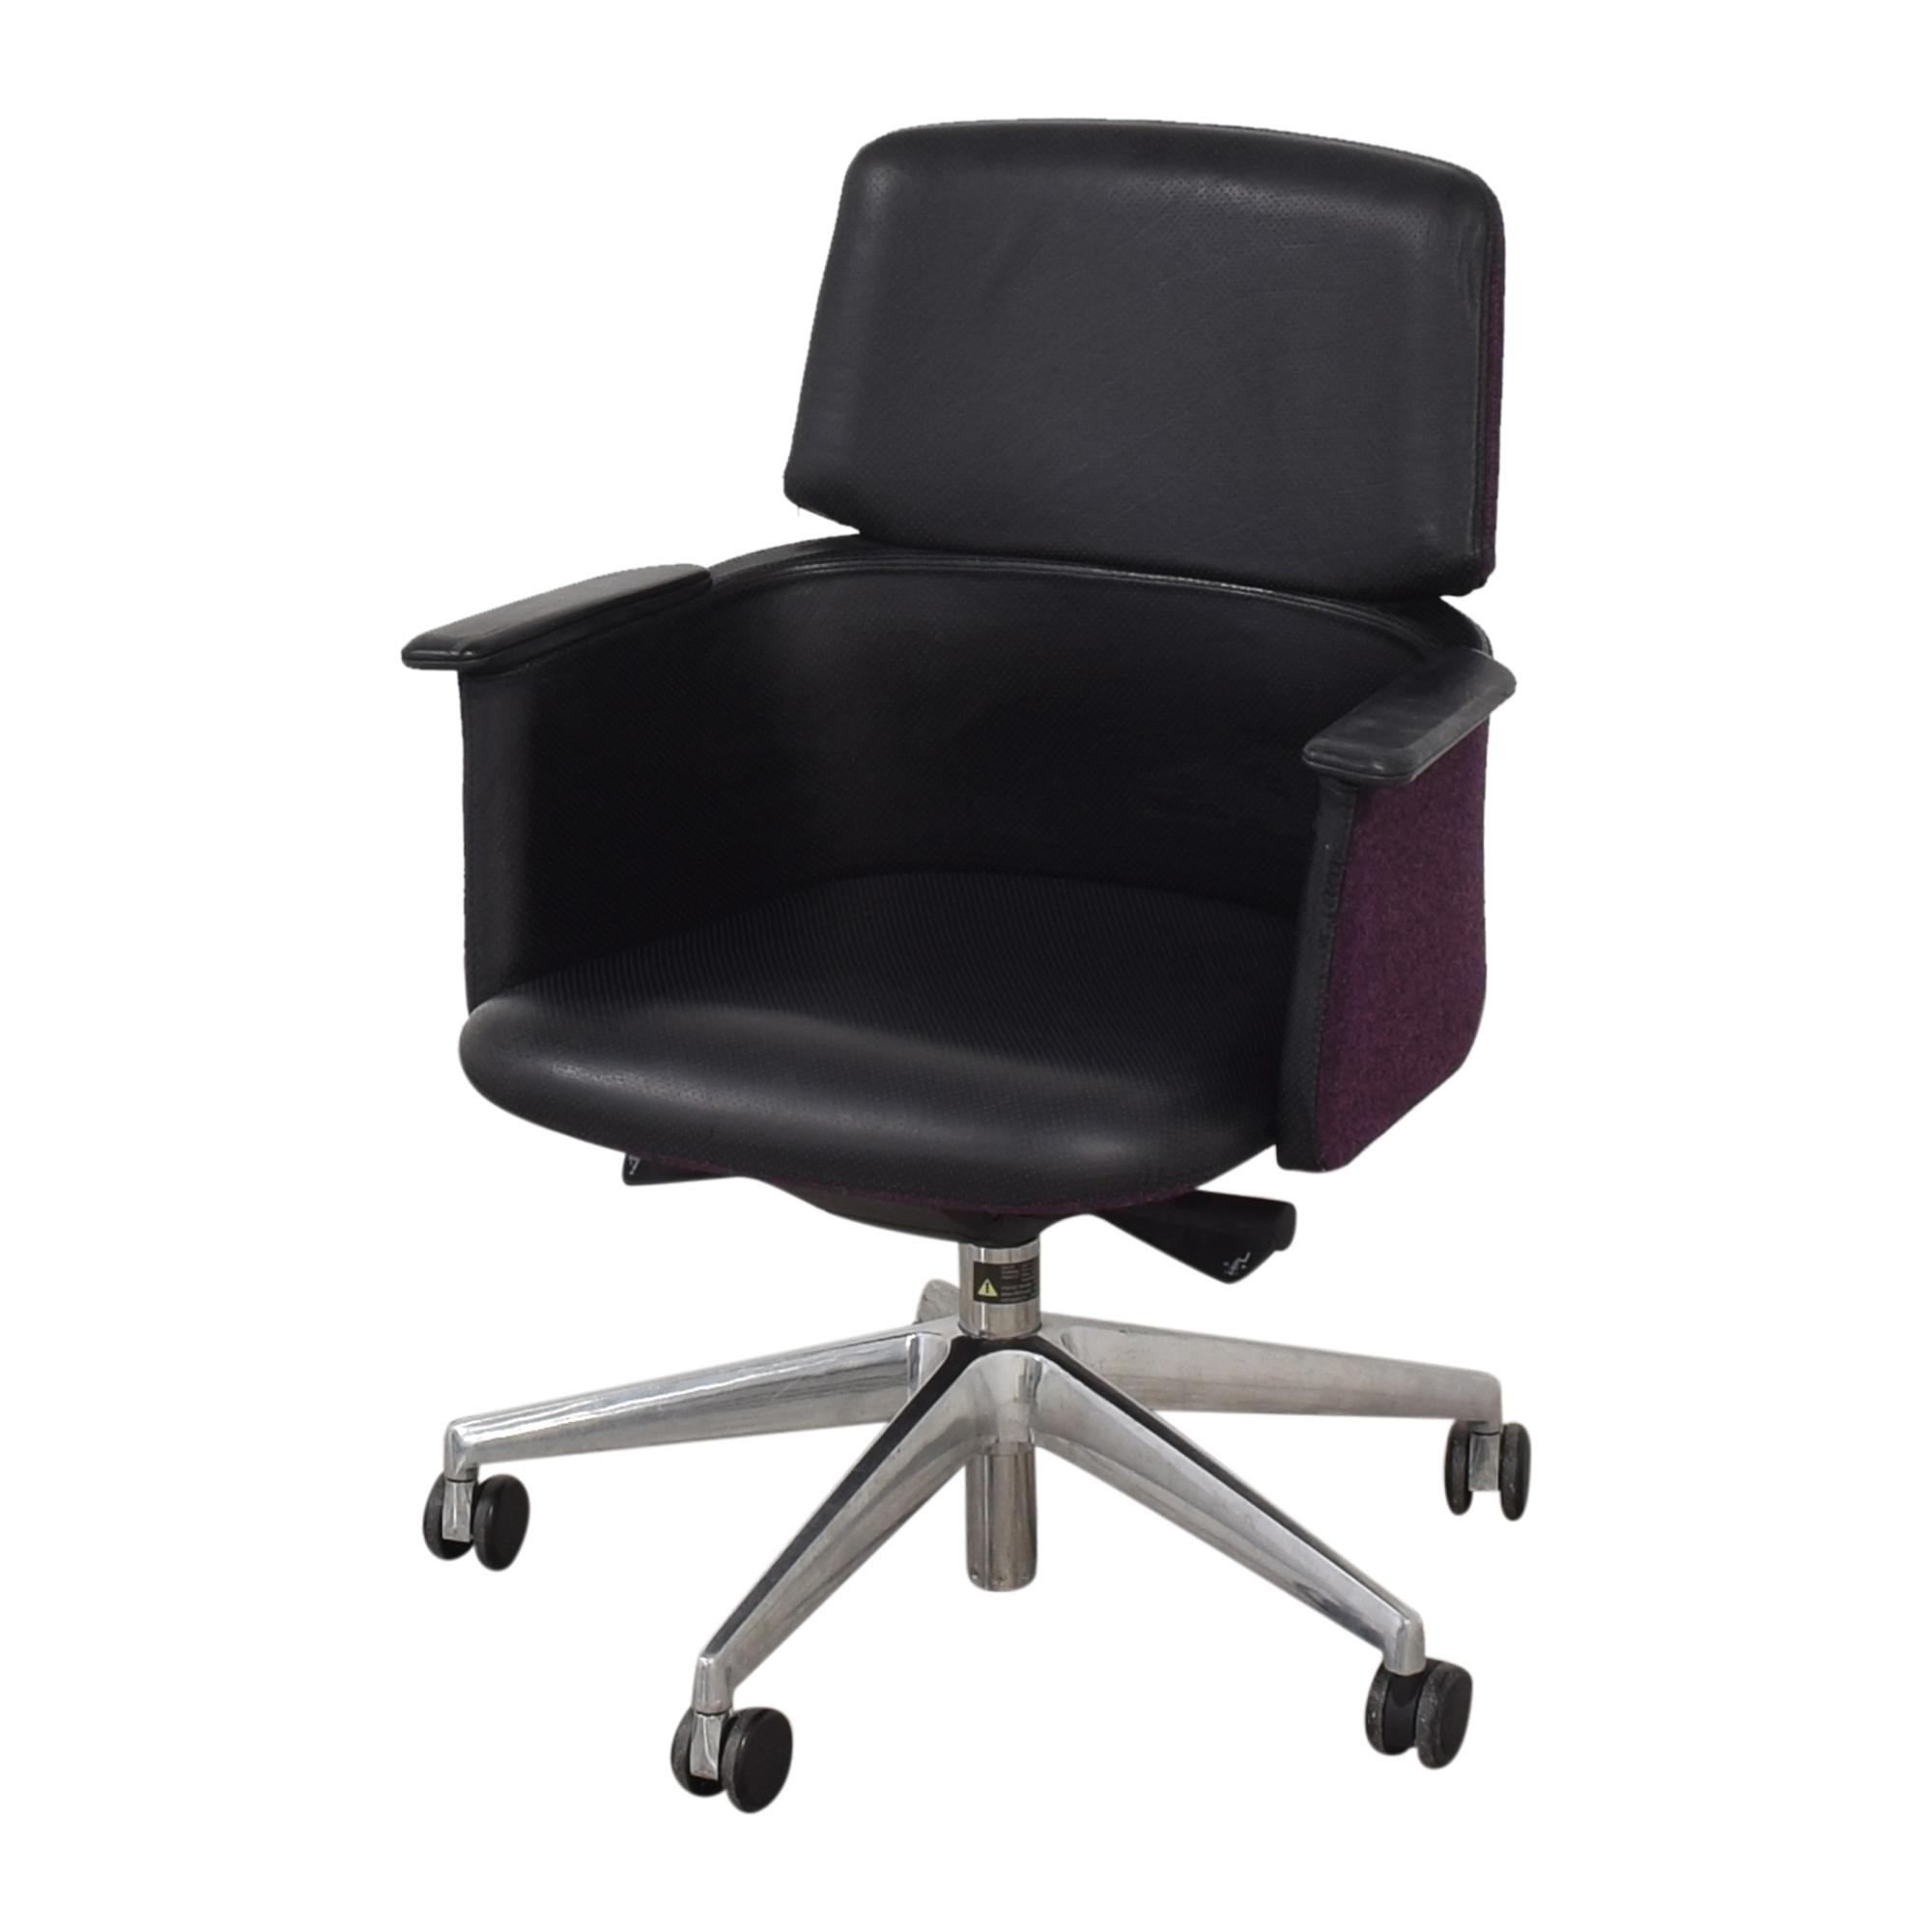 Koleksiyon Tola Task Chair / Chairs